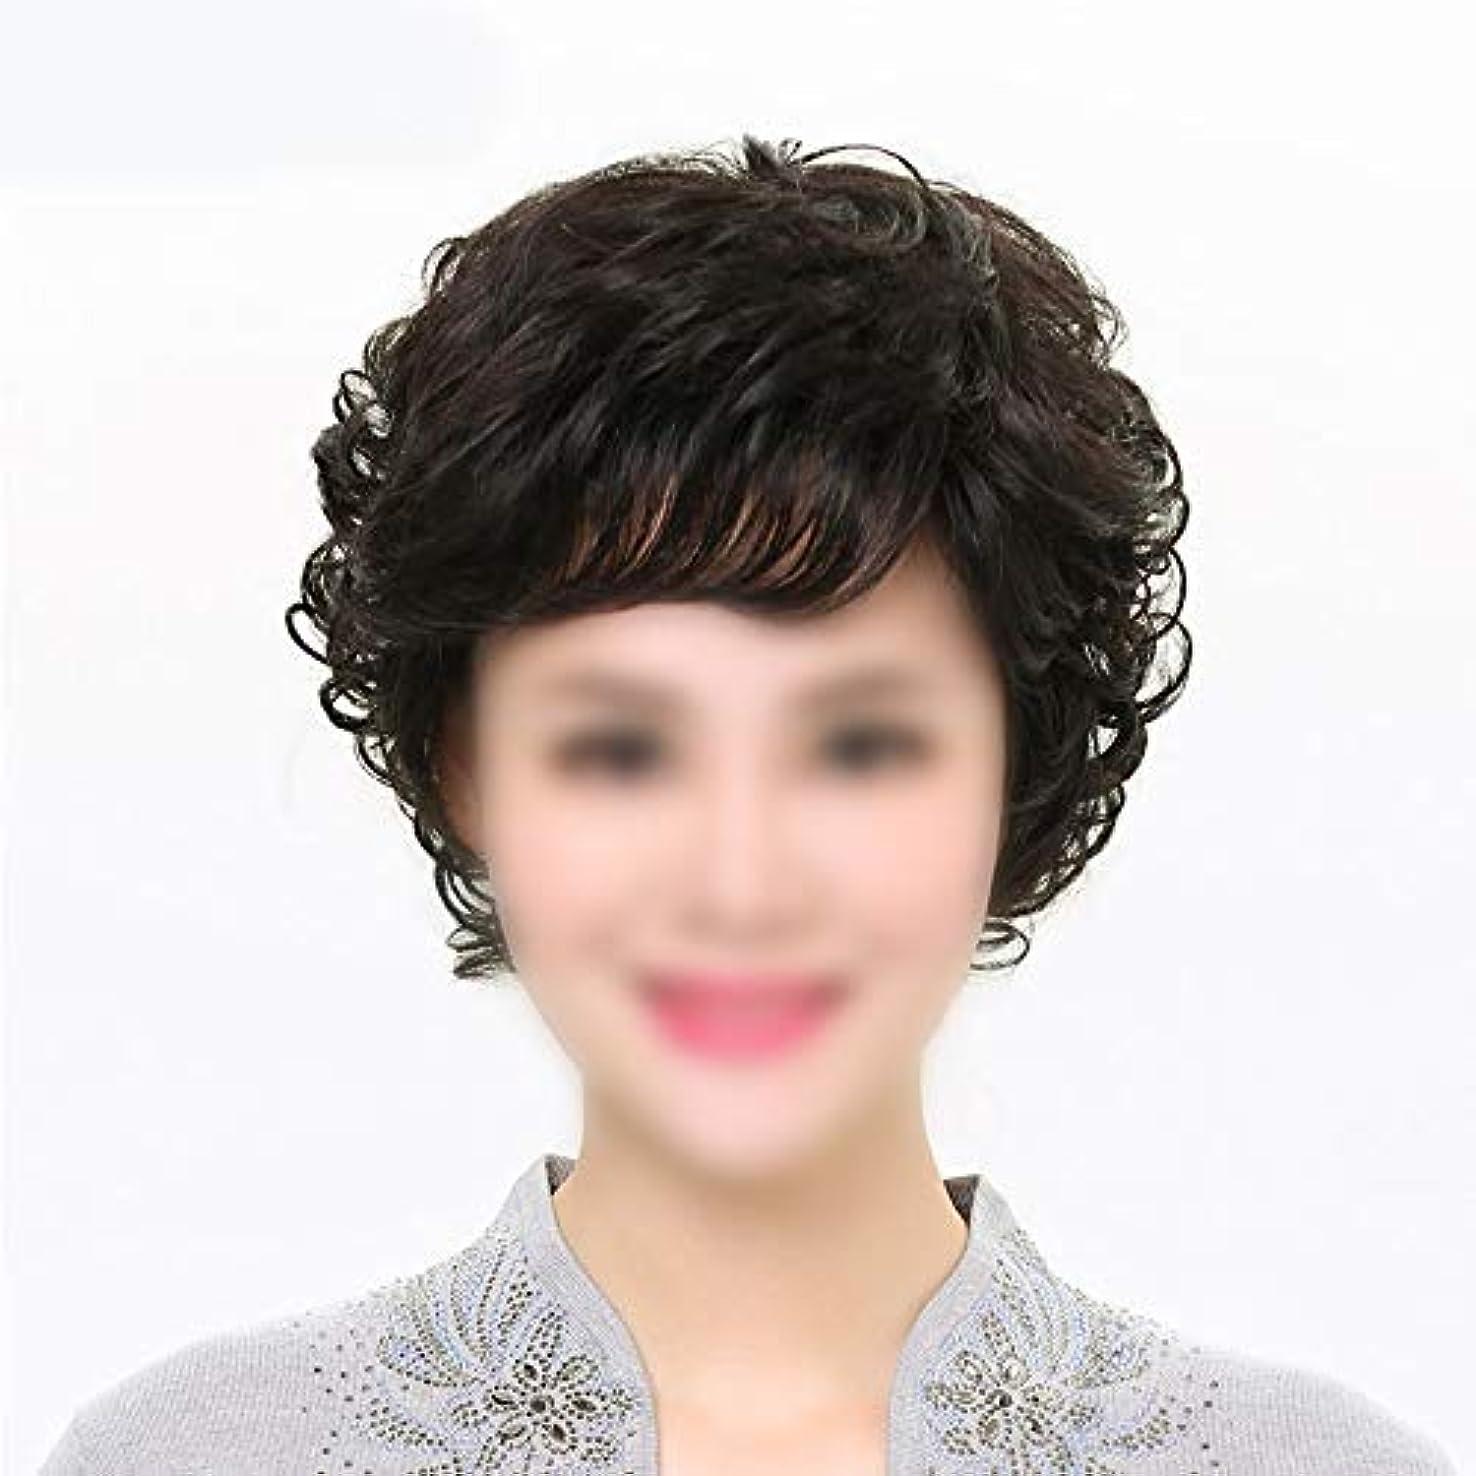 見えるポジションボトルYOUQIU 母ヘアウィッグ中年ウィッグウィッグのために前髪を持つ女性の本当の髪のショートカーリーヘア (色 : 黒, Edition : Mechanism)